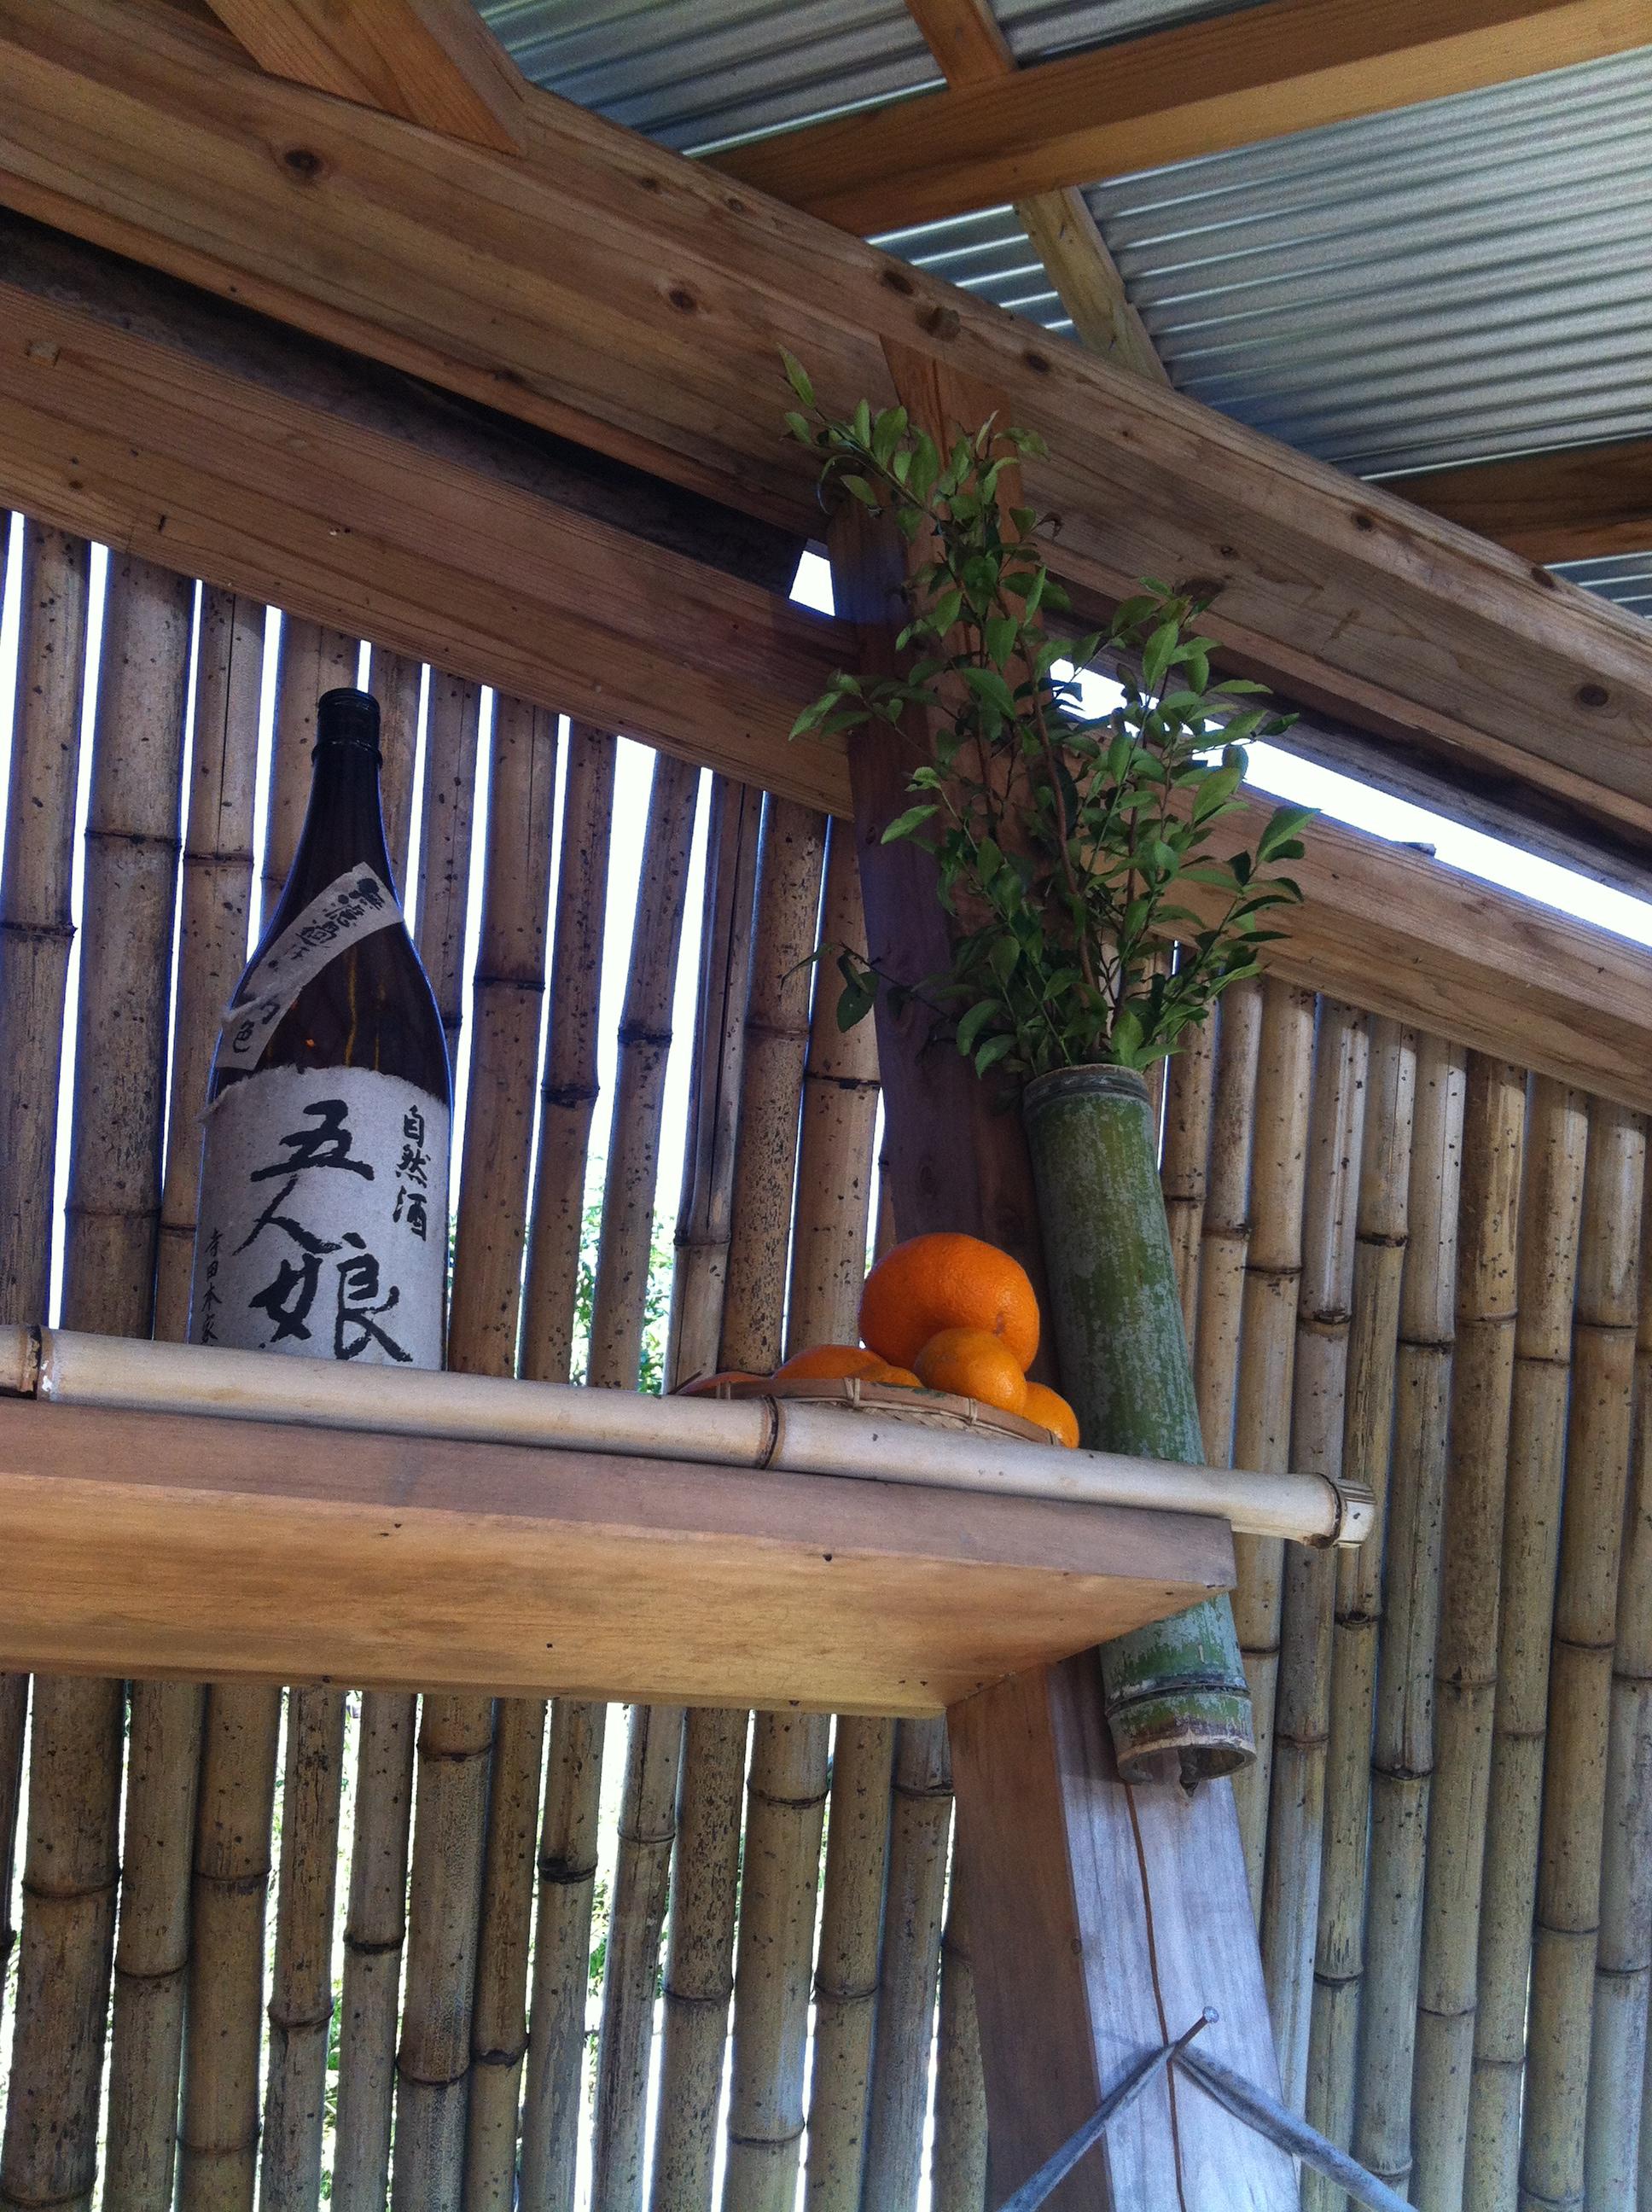 「 みかん山収穫祭 」